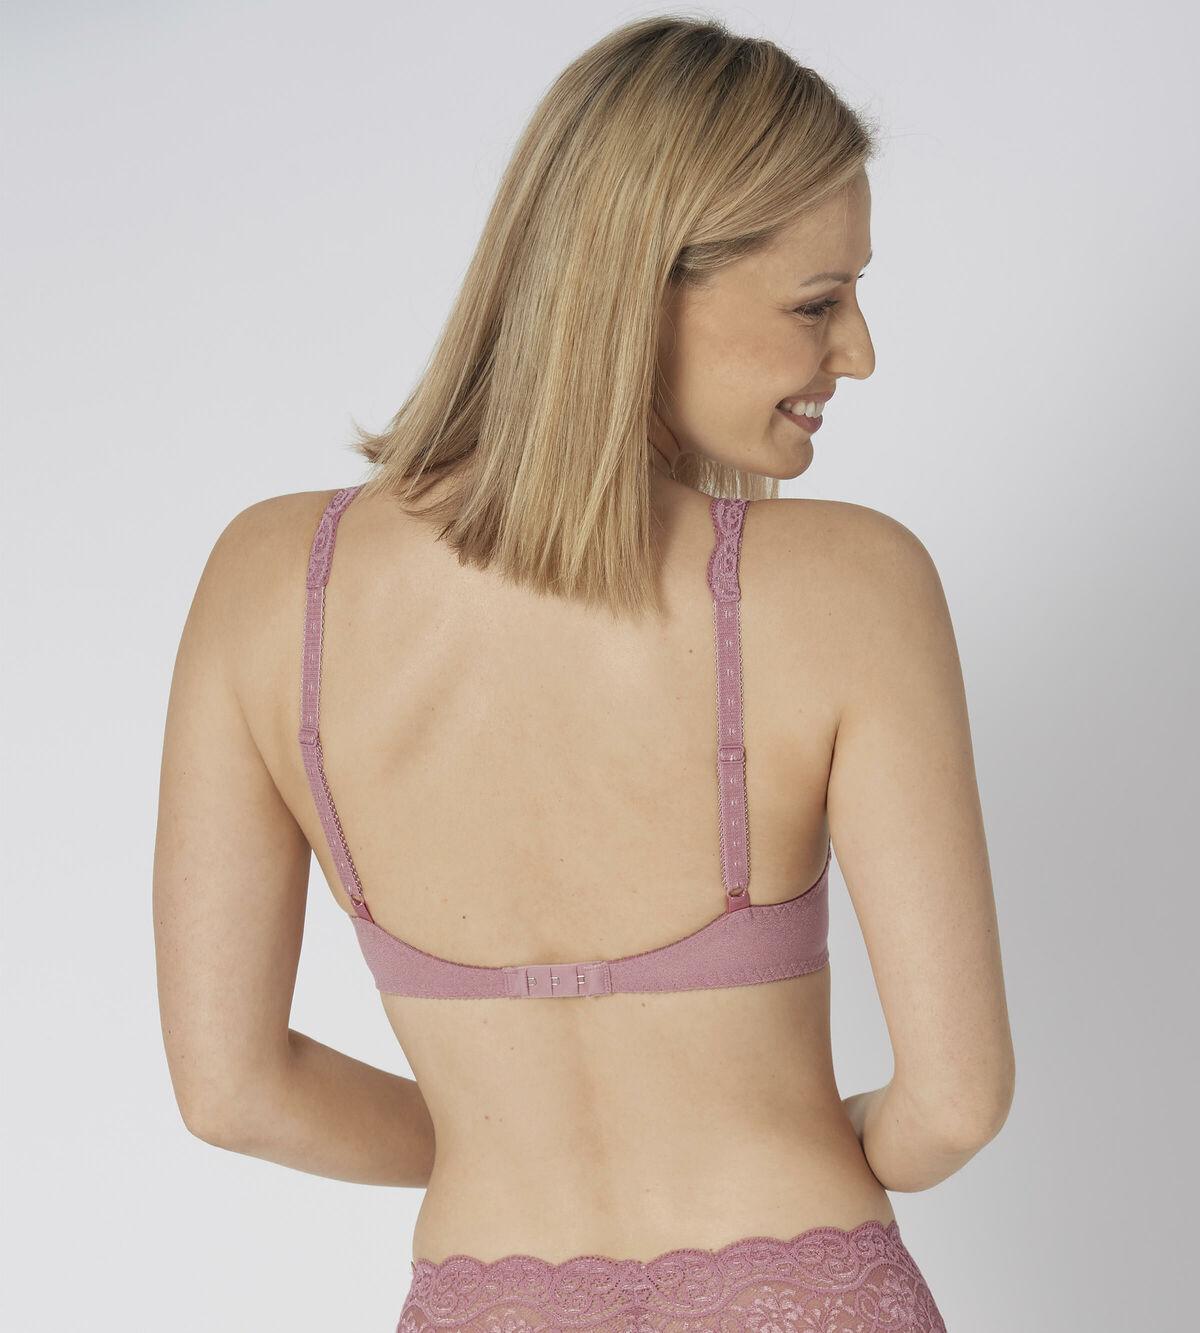 Купить женское нижнее белье триумф в москве фурнитура для пошива женского нижнего белья